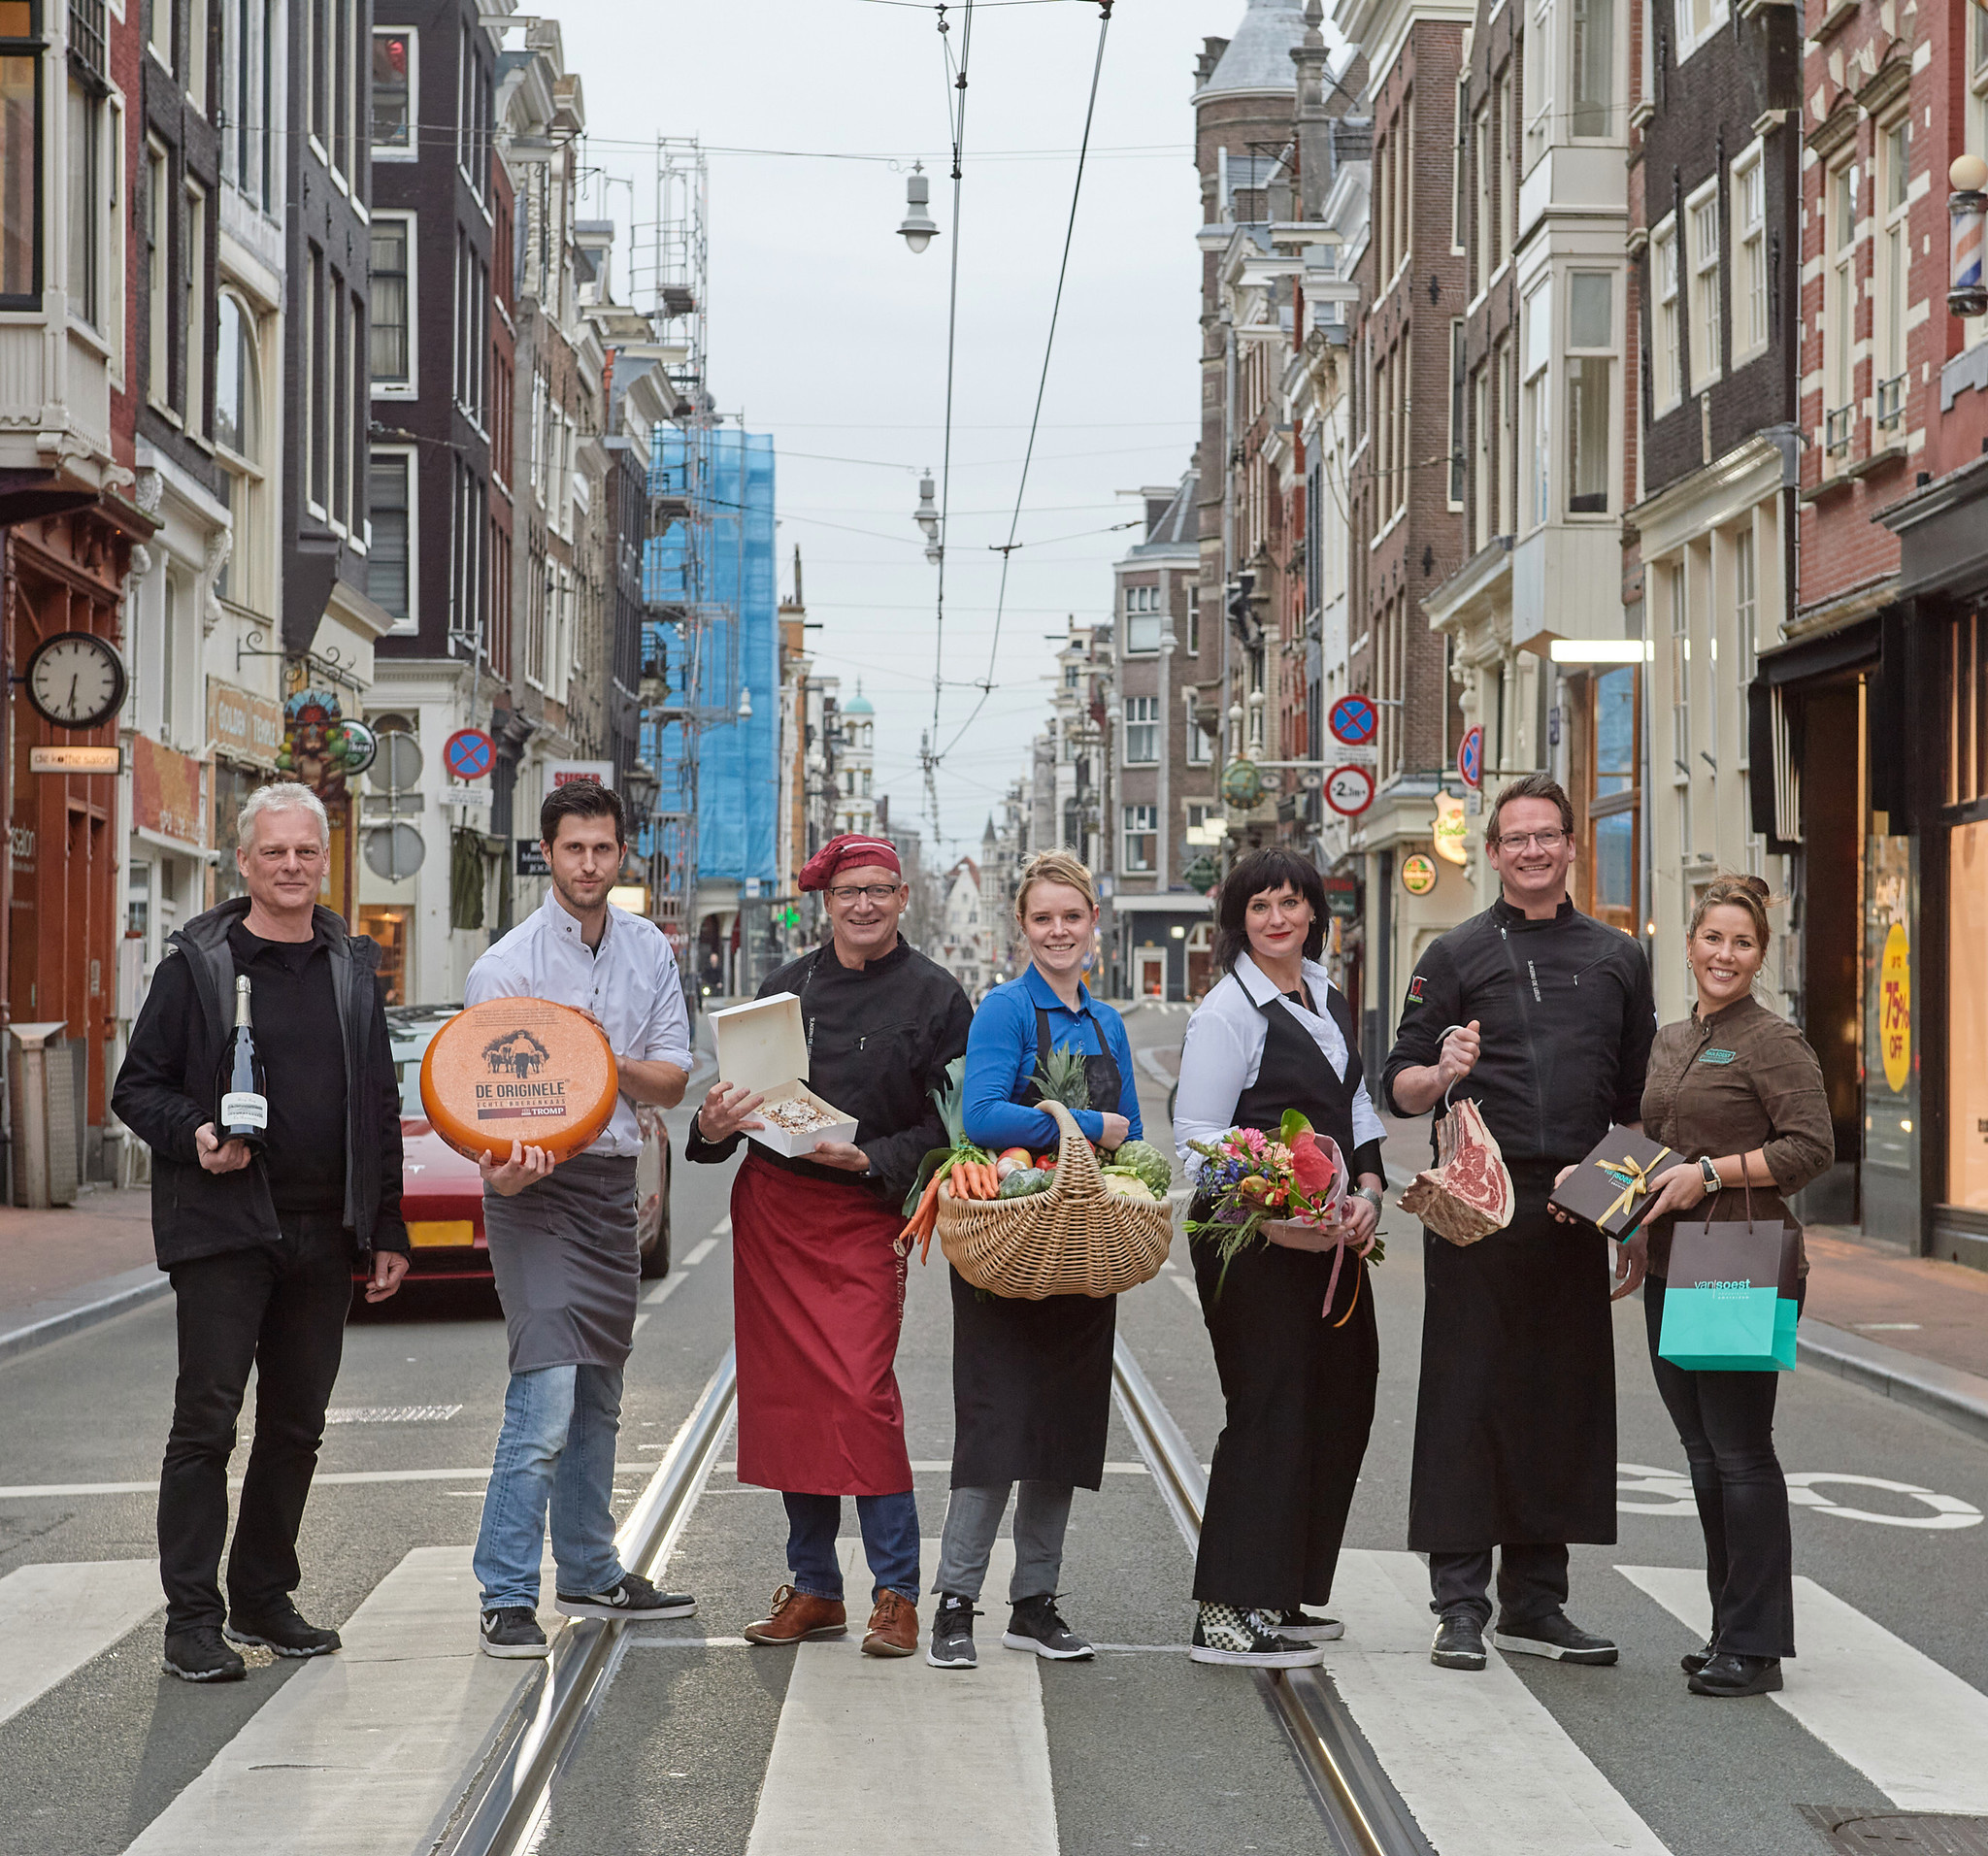 Verspakketten 8 ondernemers Utrechtsestraat